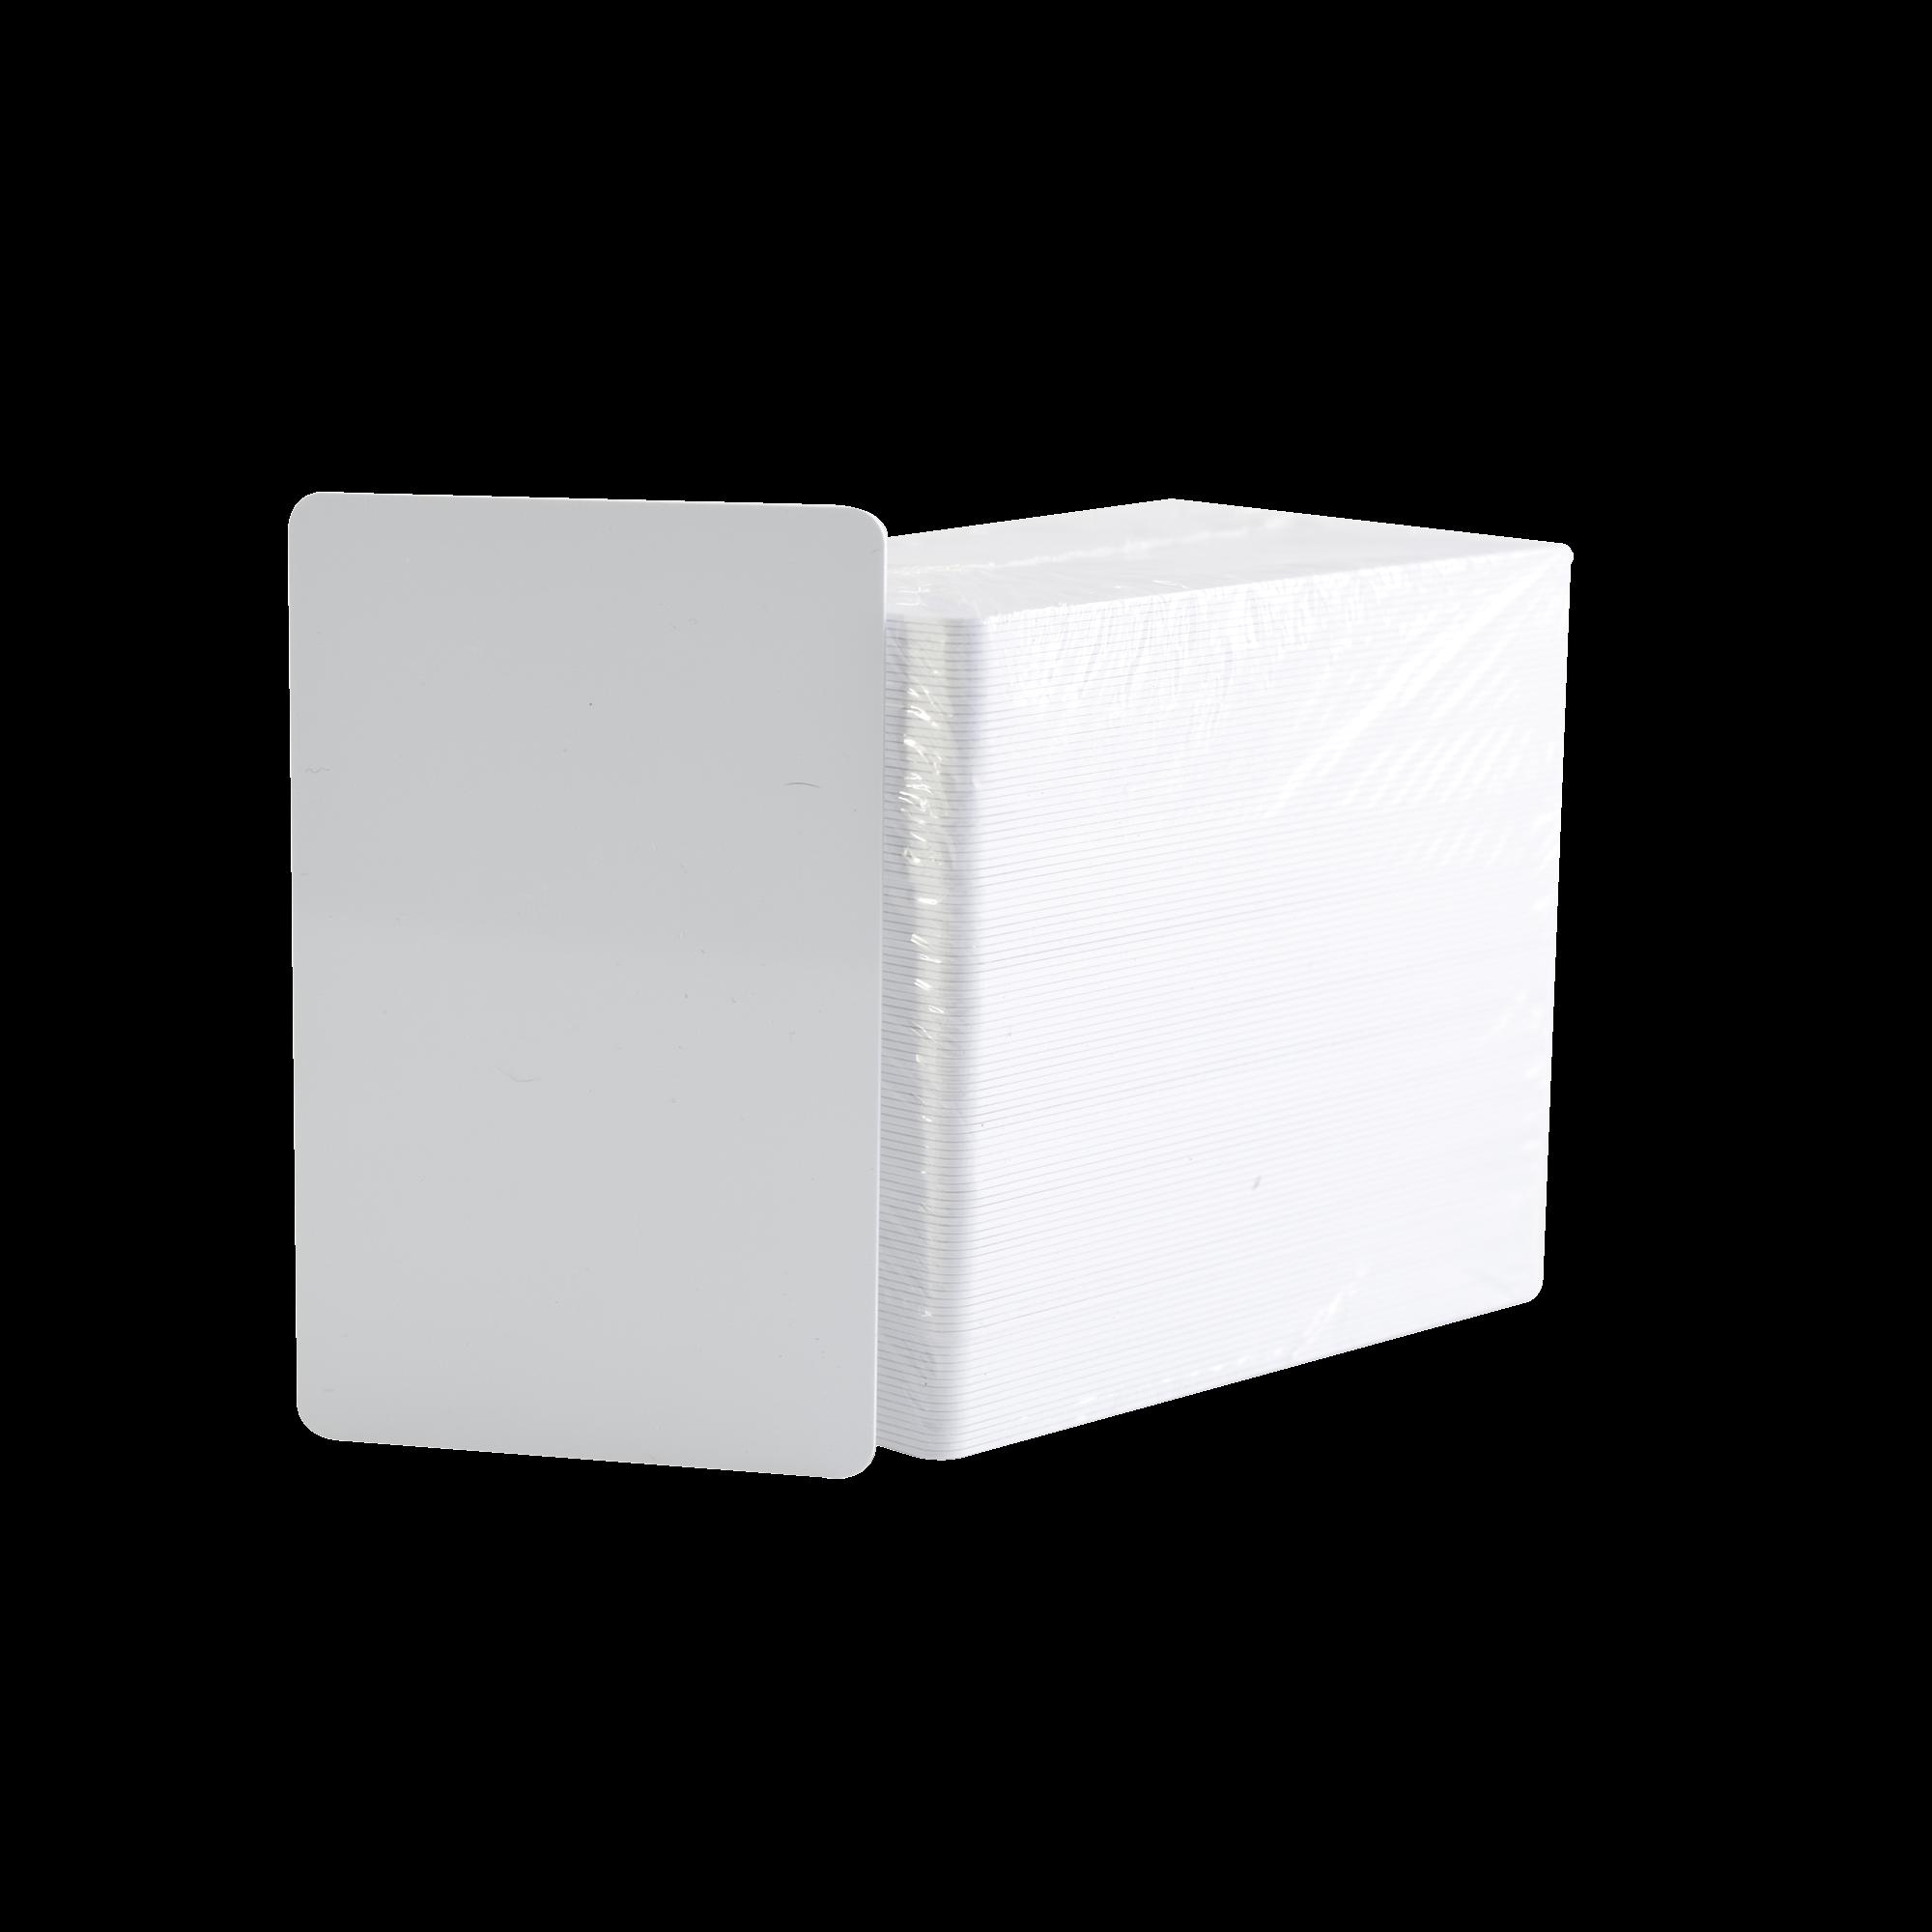 Paquete de 500 Tarjetas UltraCard 10 mil  Adhesivas Imprimibles por un sólo lado /  Para pegar sobre tarjetas/ CR79